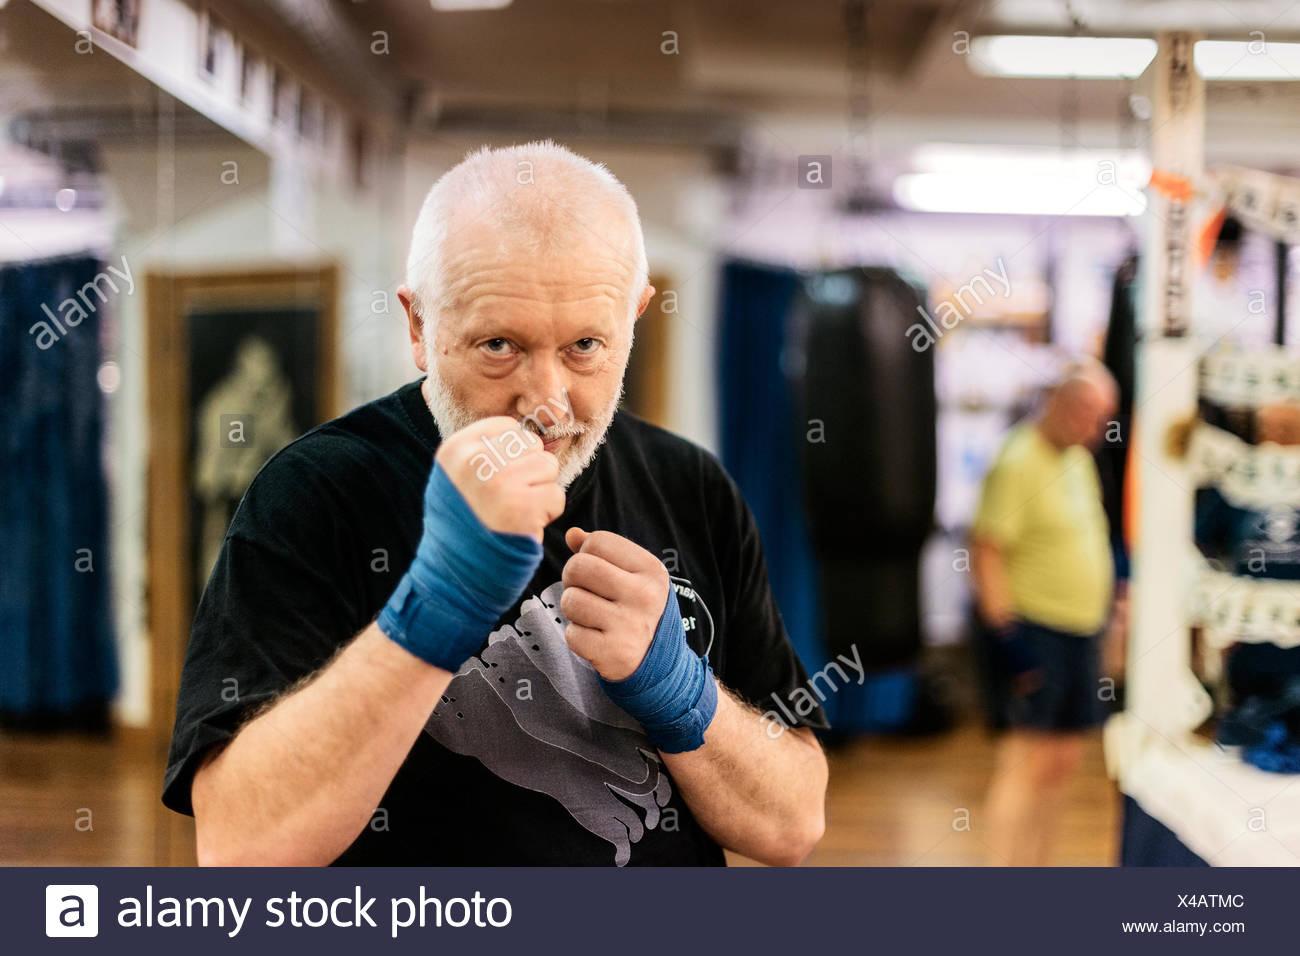 L'uomo anziano con il pugno sollevato a formazione di inscatolamento Immagini Stock